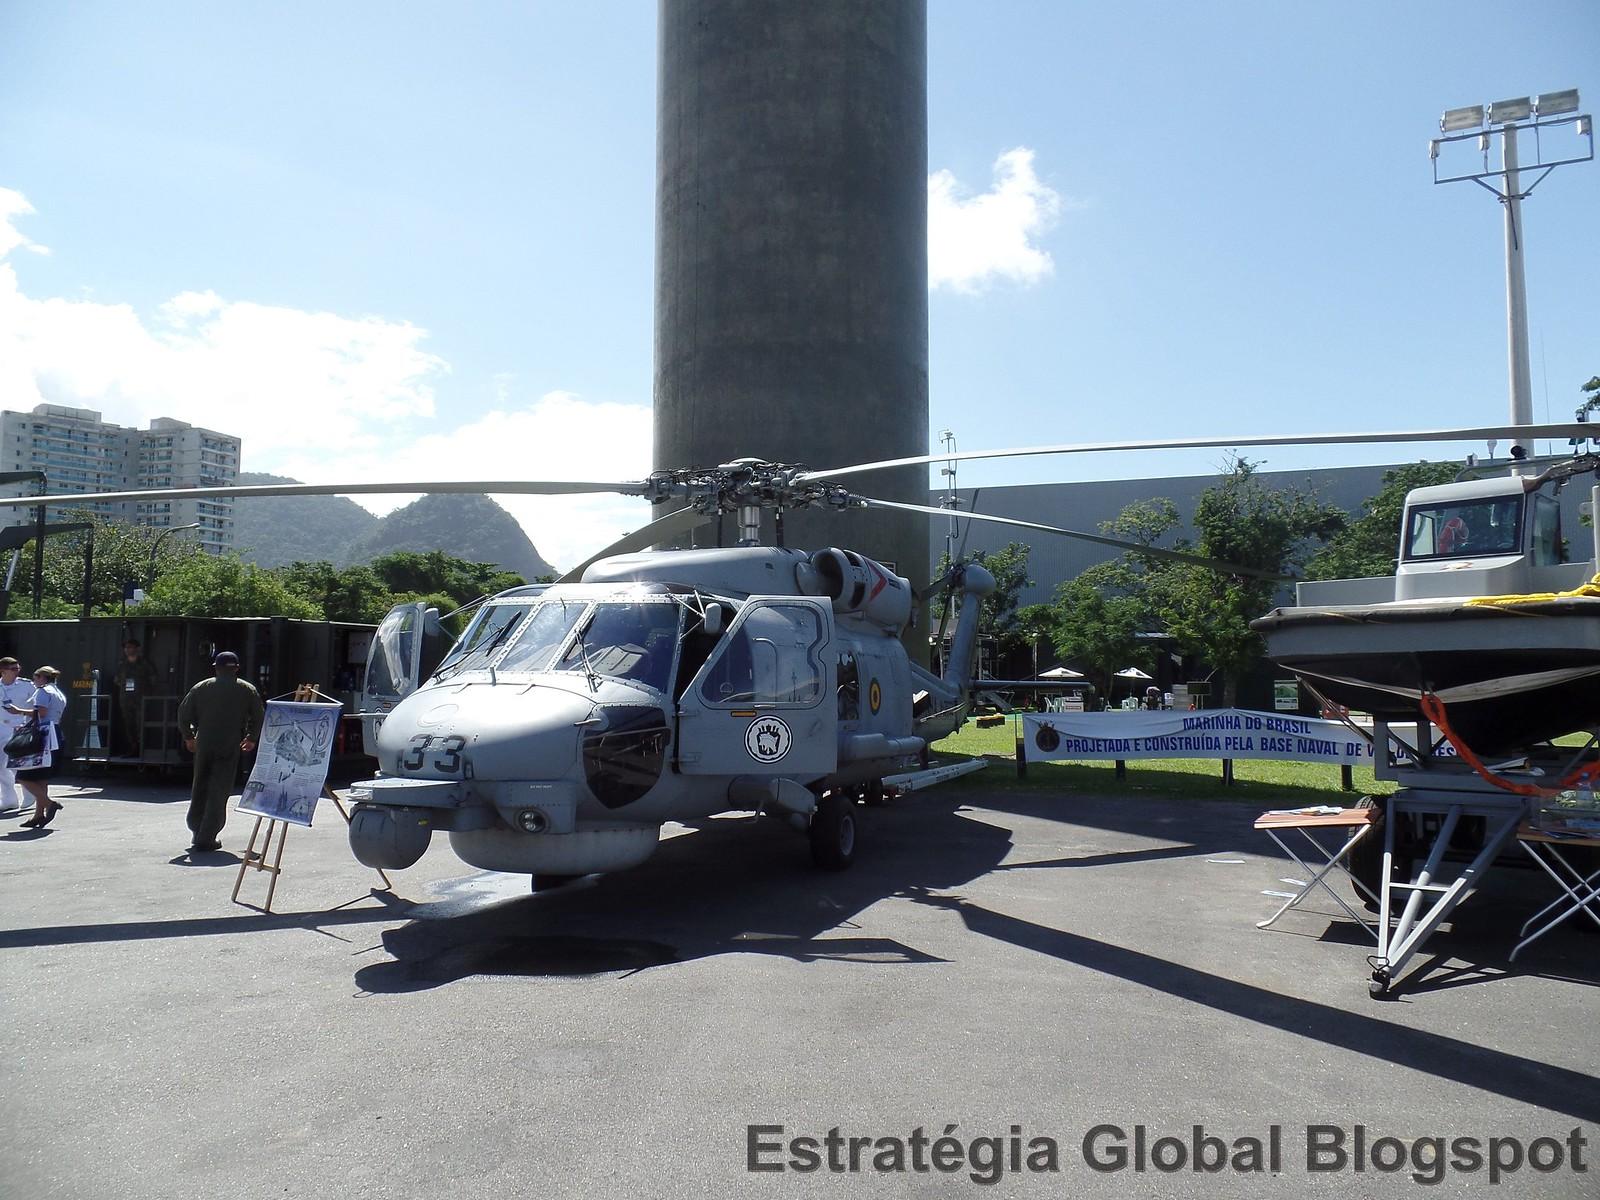 MH-16 Sea Hawk